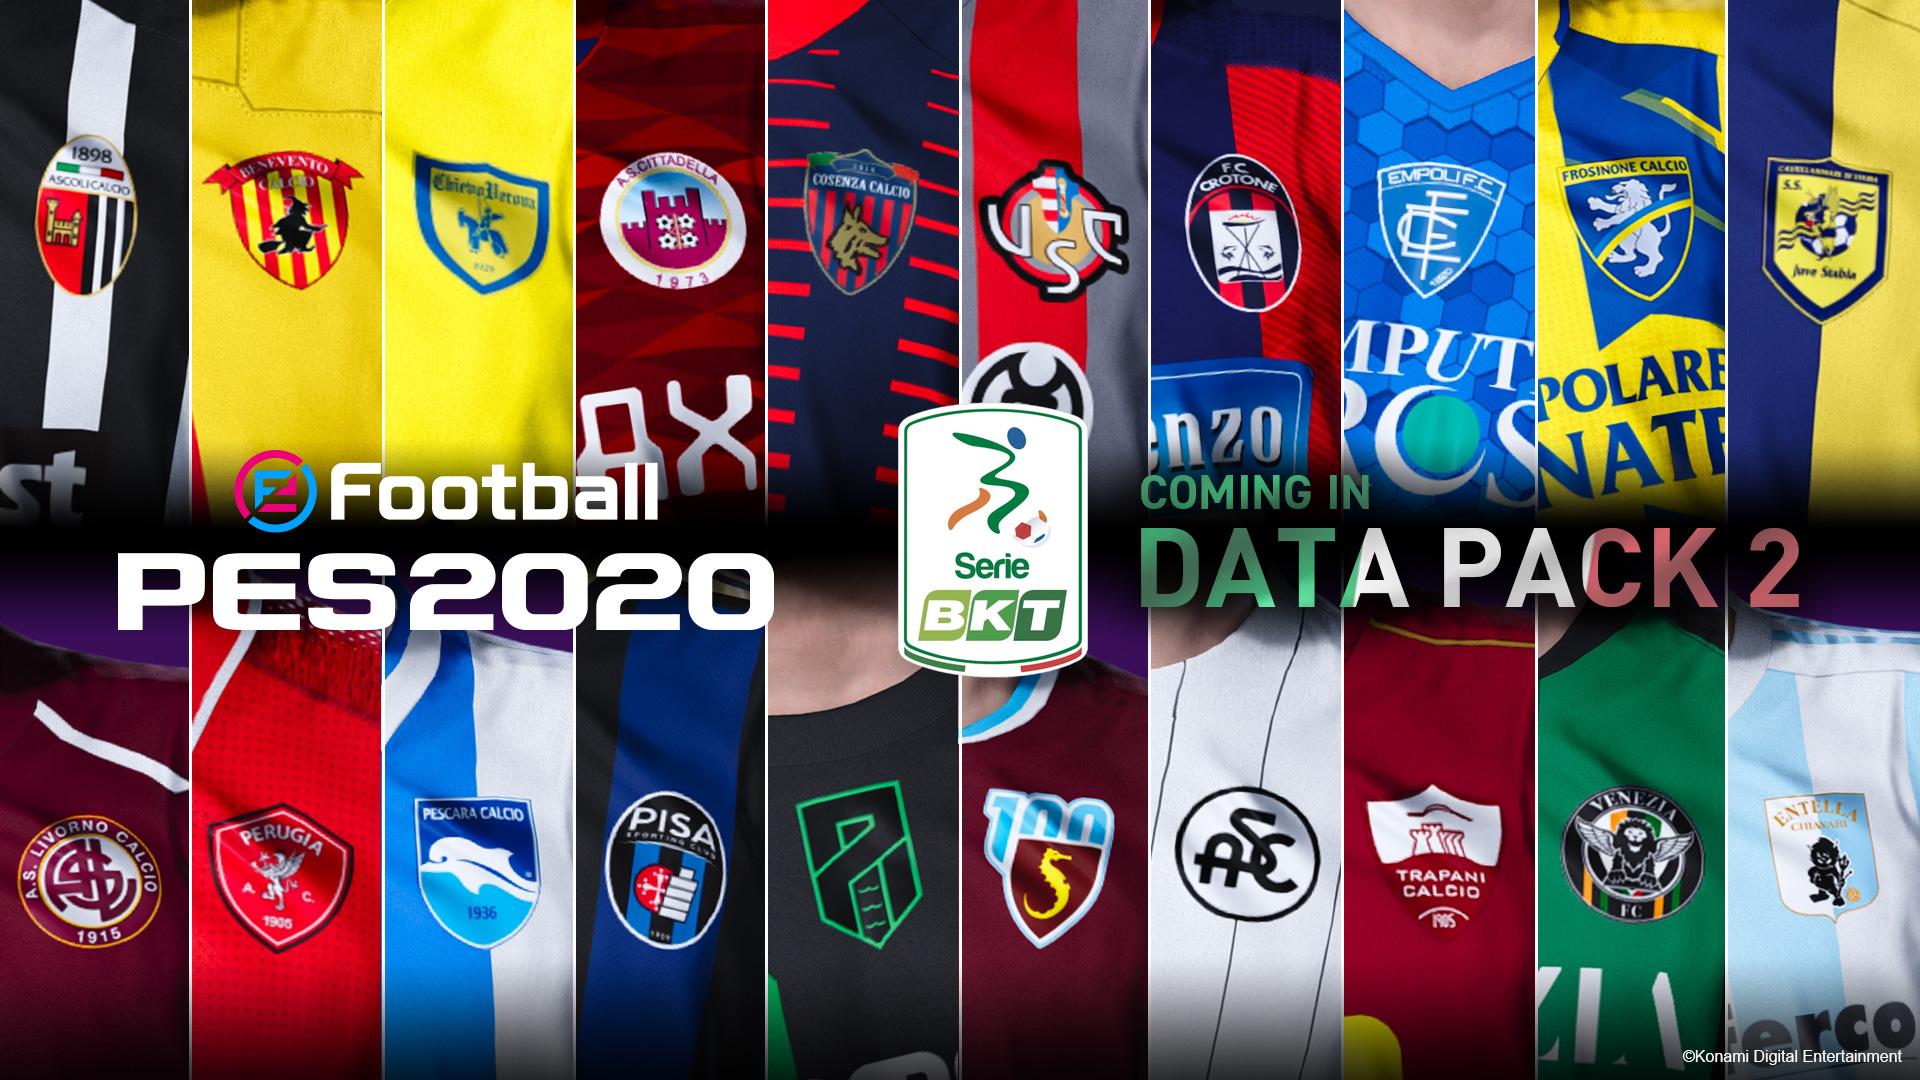 Arriva la Serie B su eFootball PES 2020!